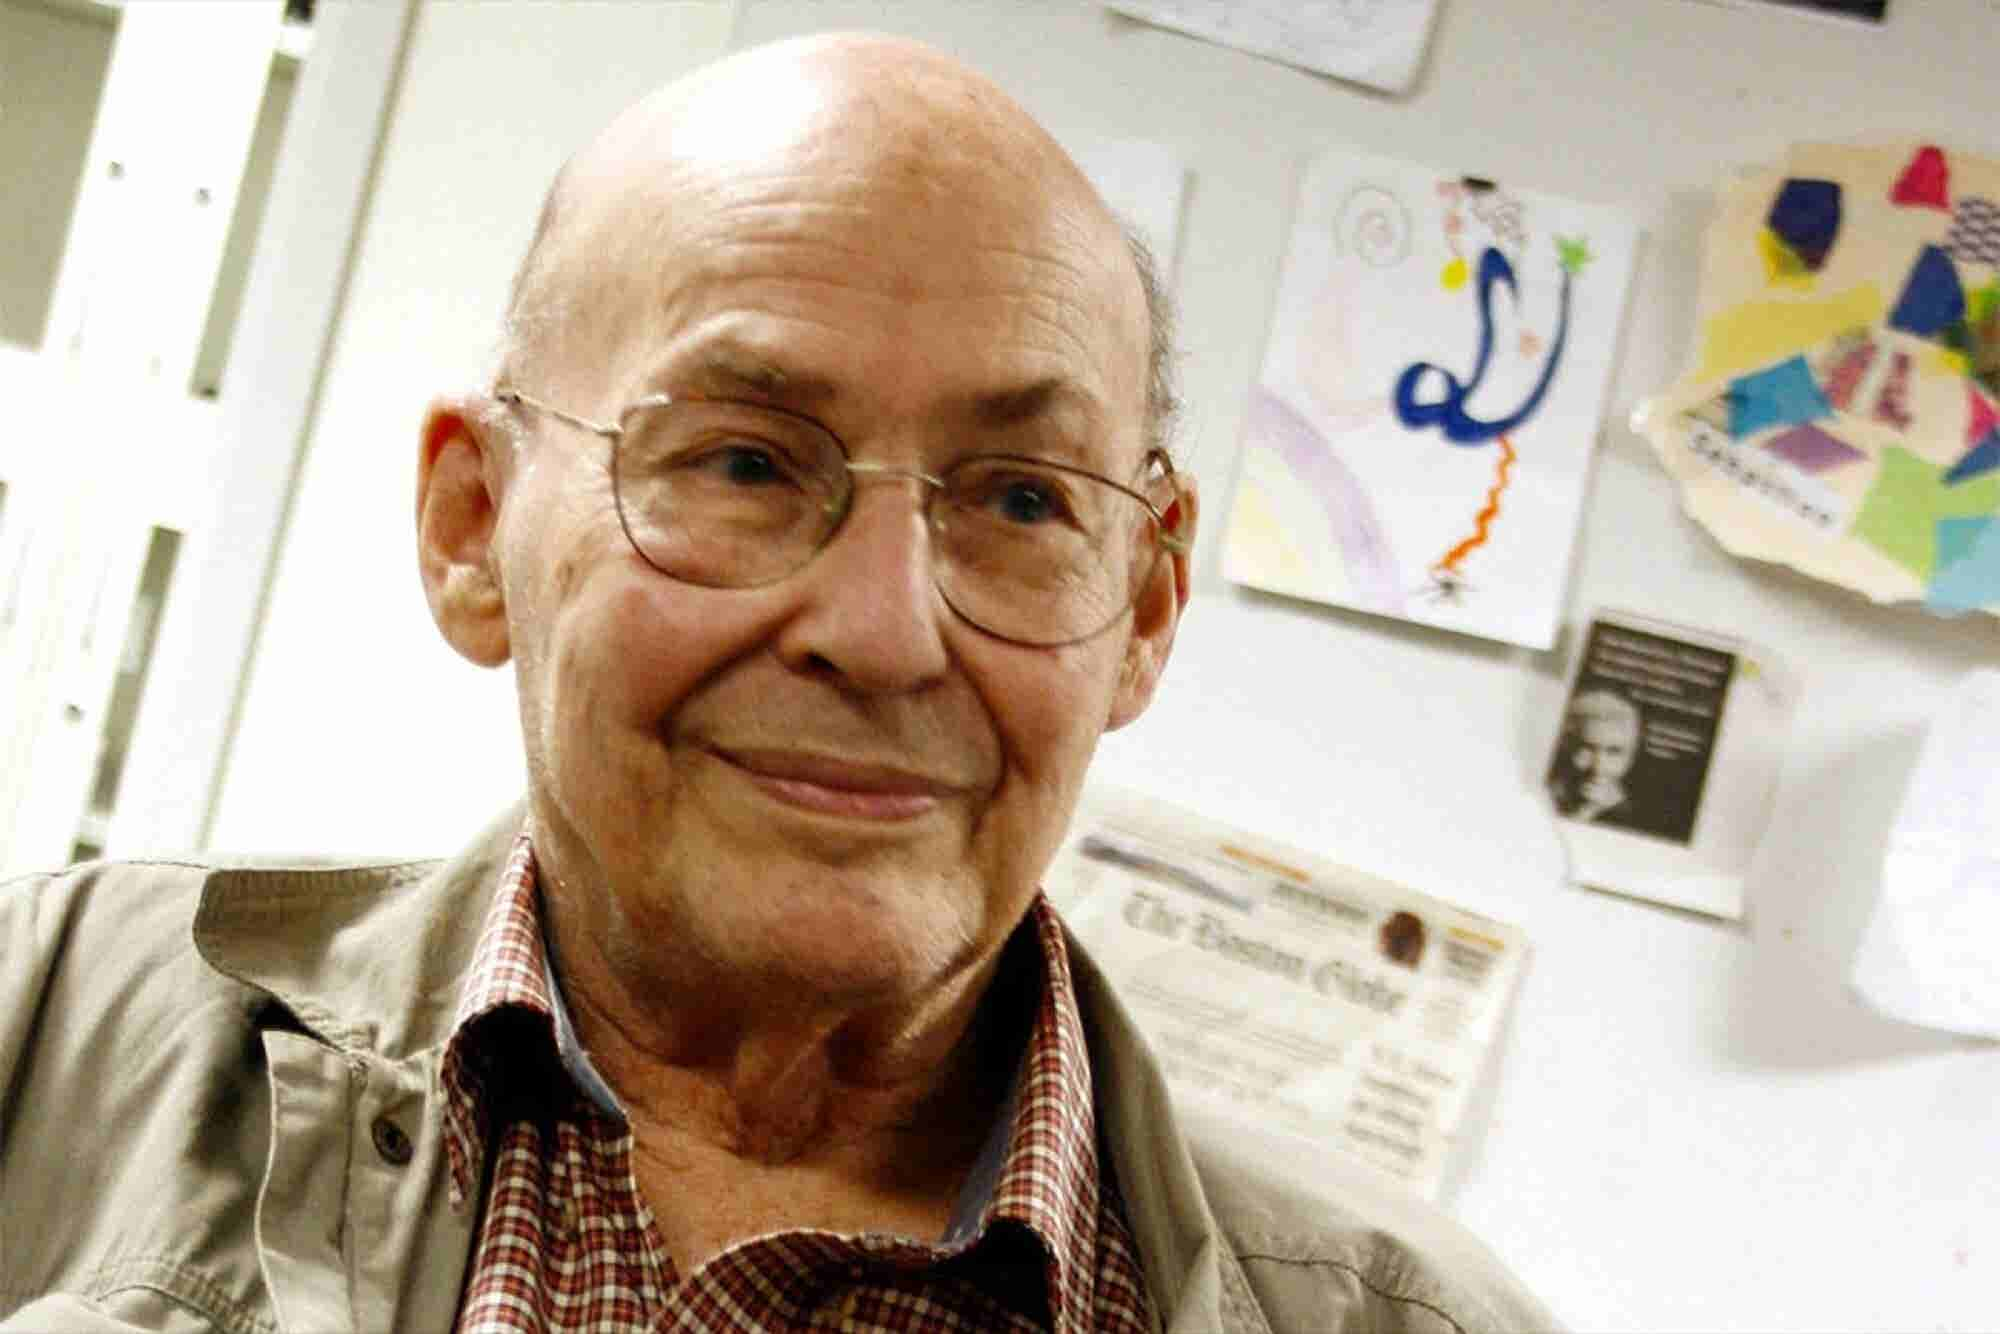 Marvin Minsky, AI Pioneer, Dies at 88